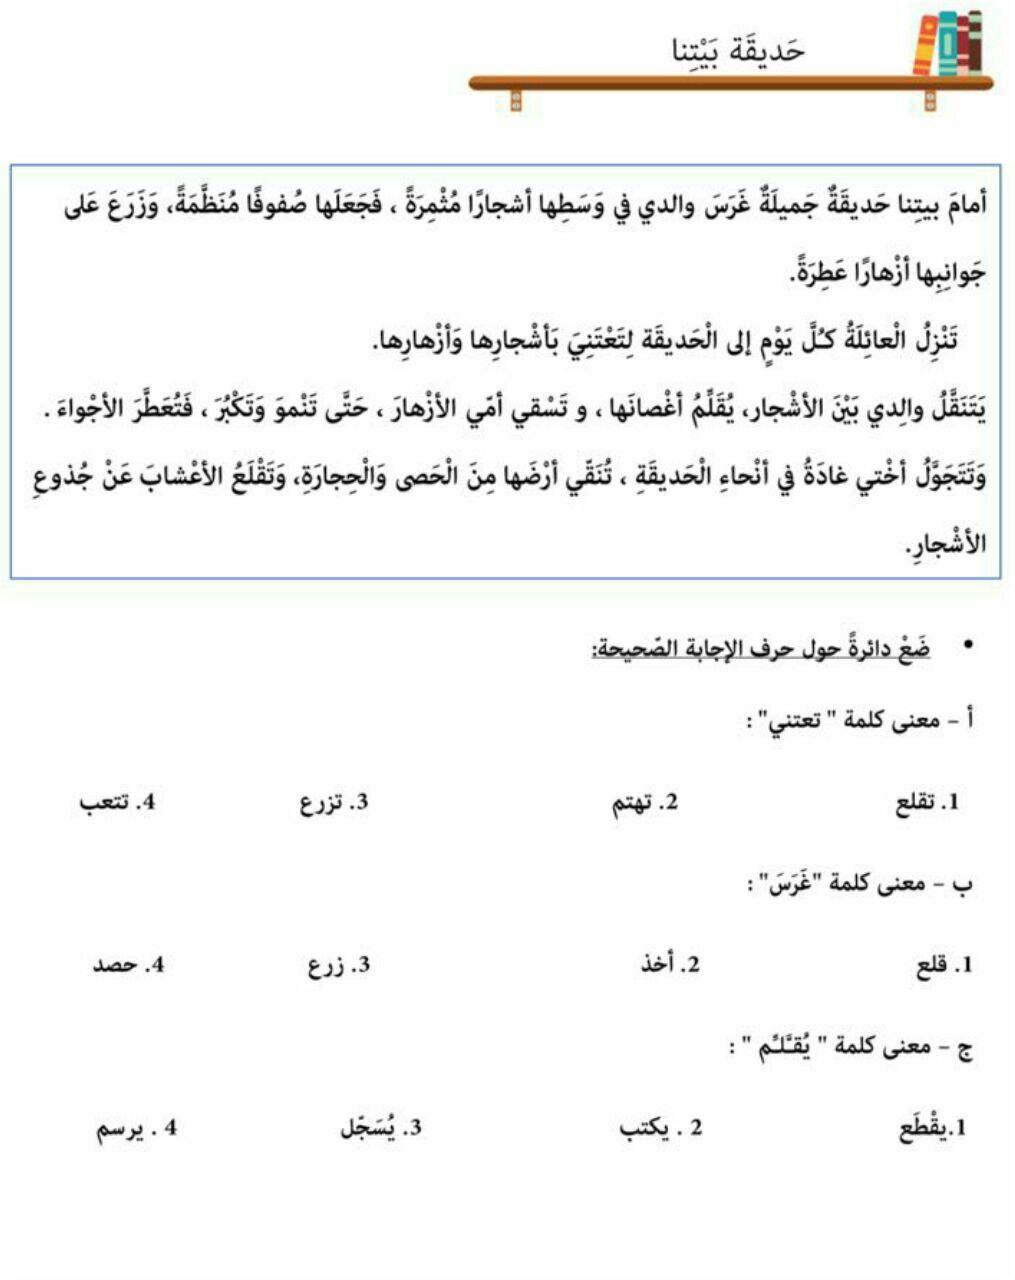 مدونة تعلم نصوص تدريبية في اللغة العربية للصف الثاني الفصل الدراسي الثاني2018 Arabic Language Learning Arabic Arabic Lessons